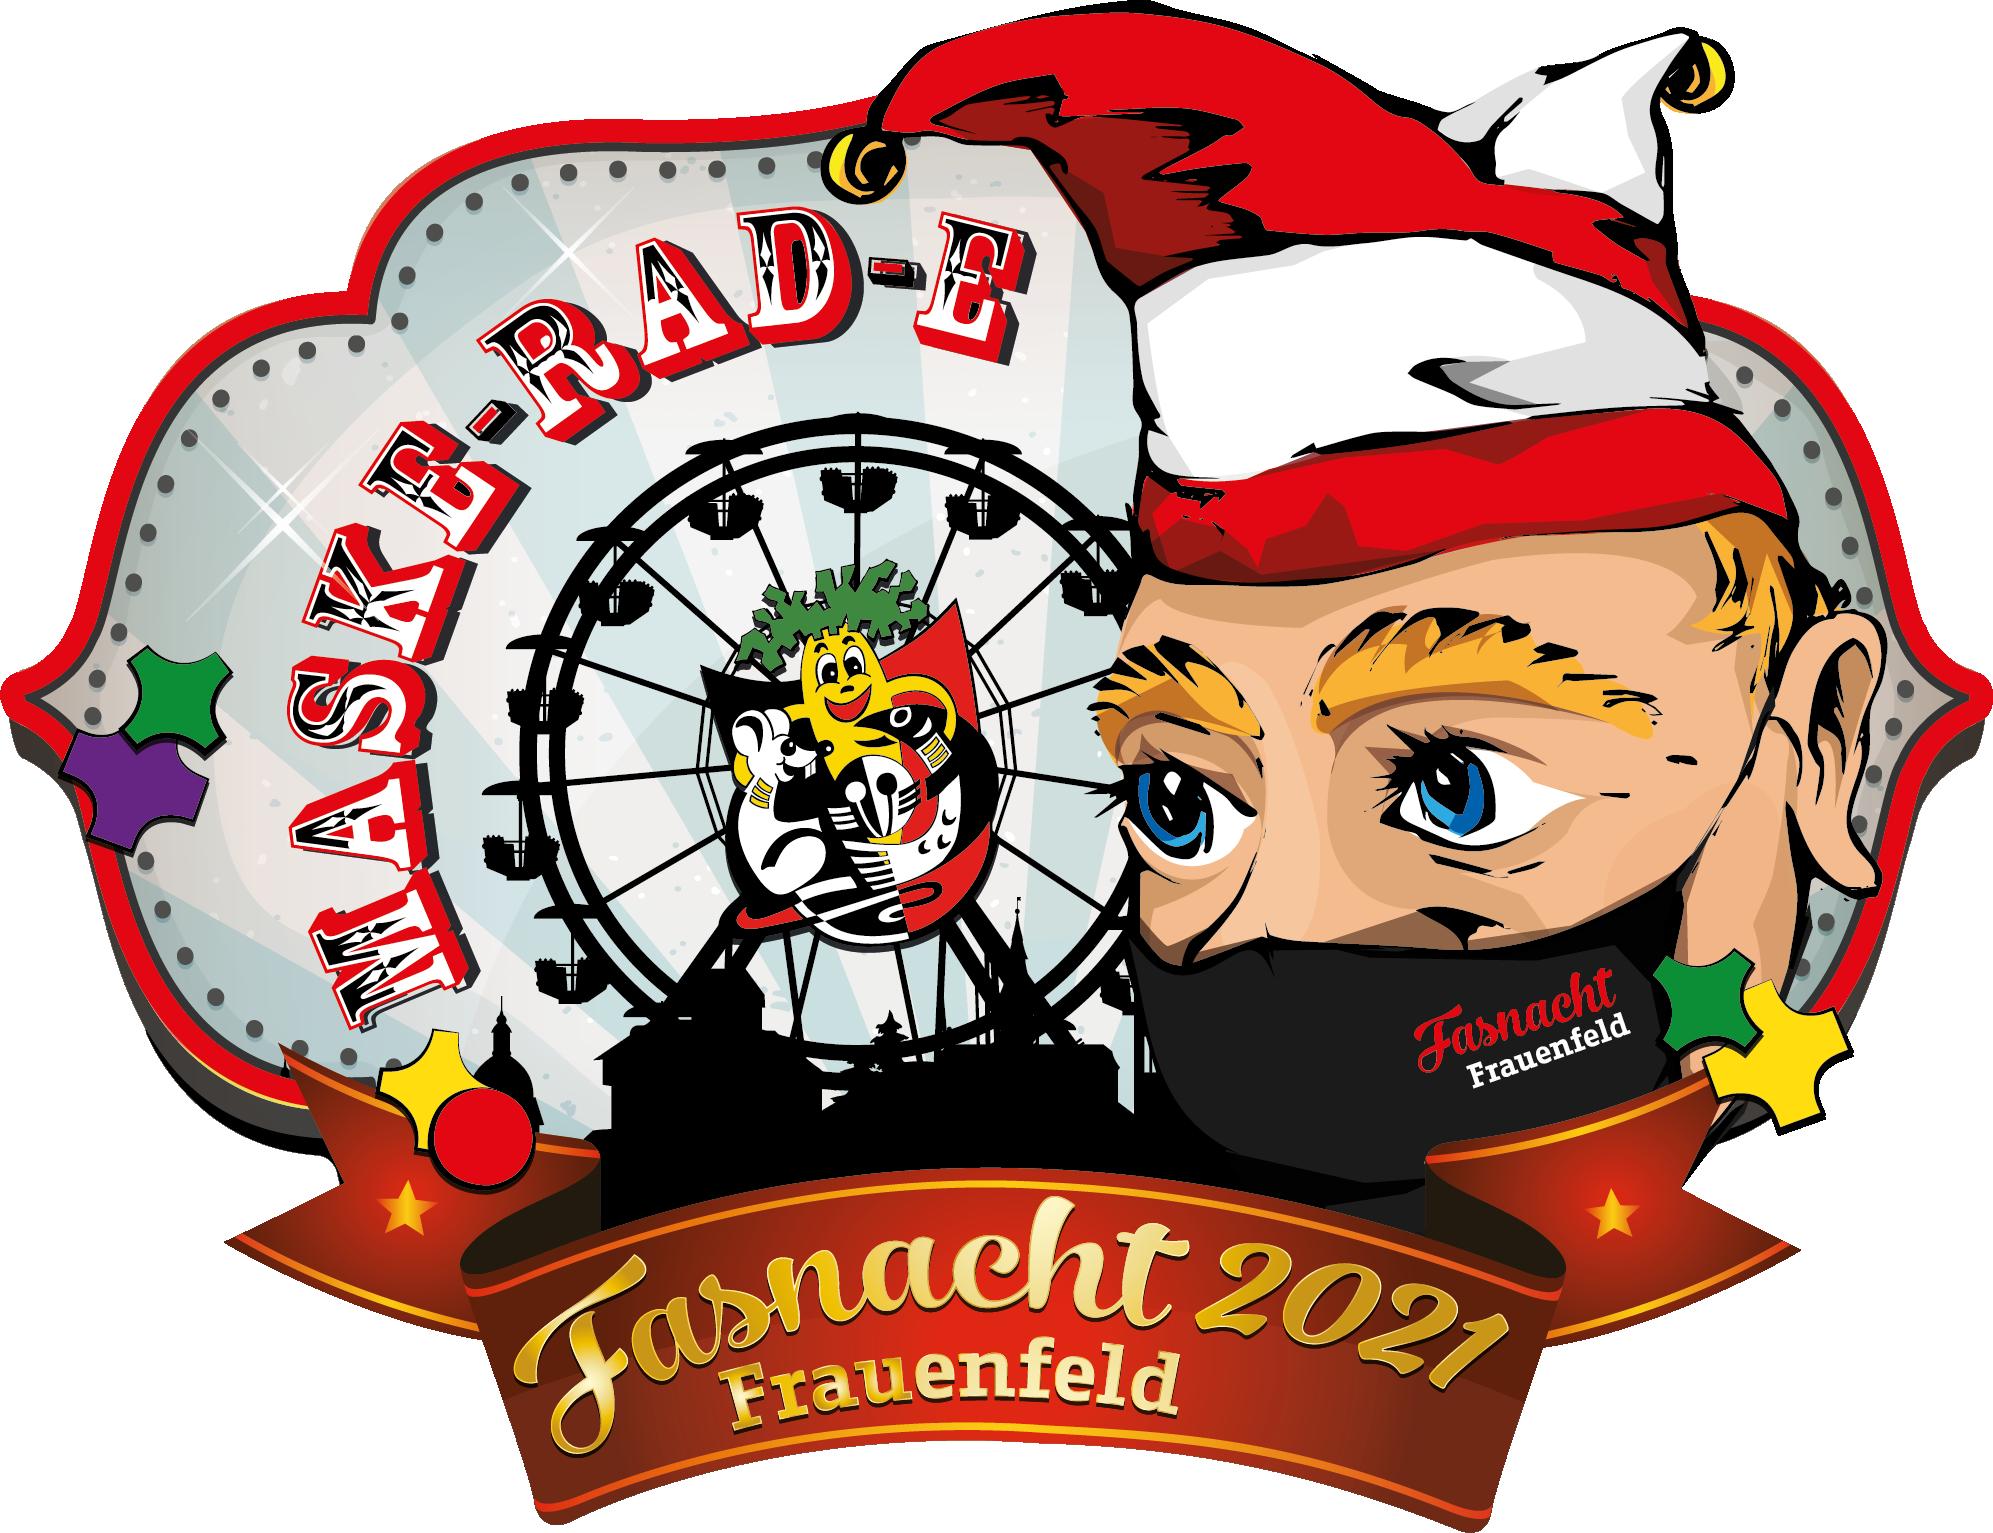 Frauenfeld_2021_finaldraft_30102020